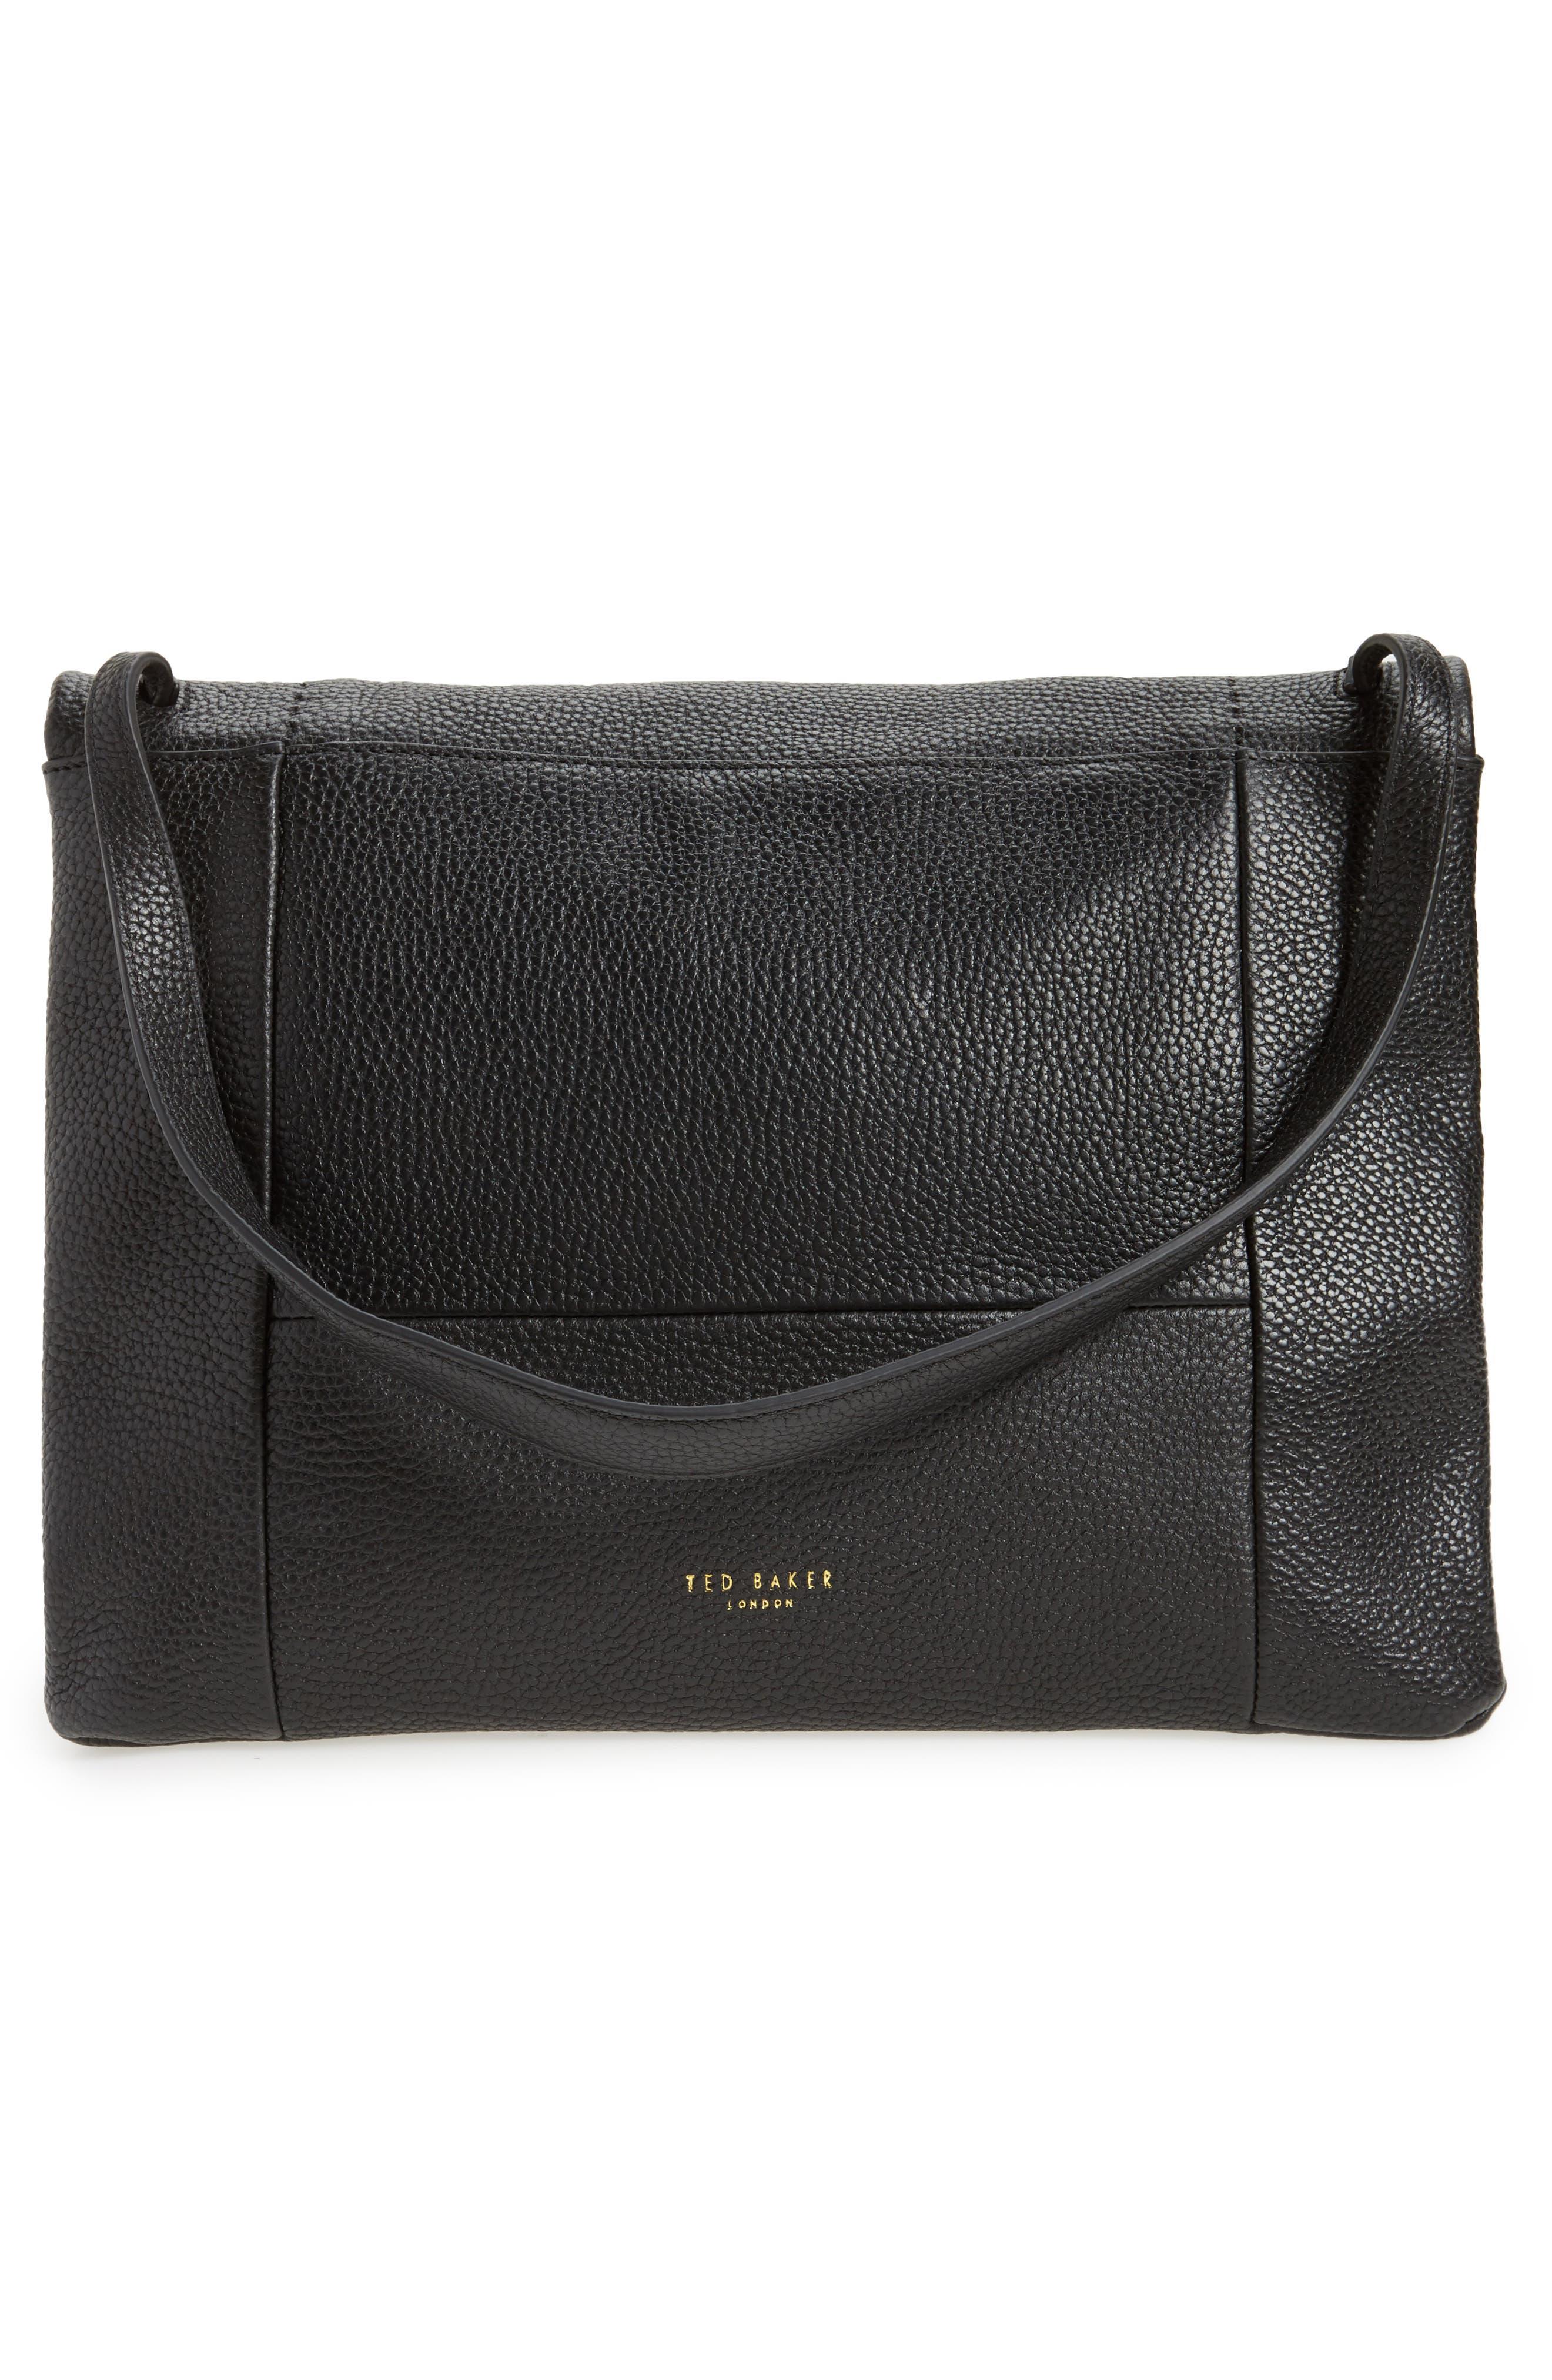 Proter Leather Shoulder Bag,                             Alternate thumbnail 3, color,                             001